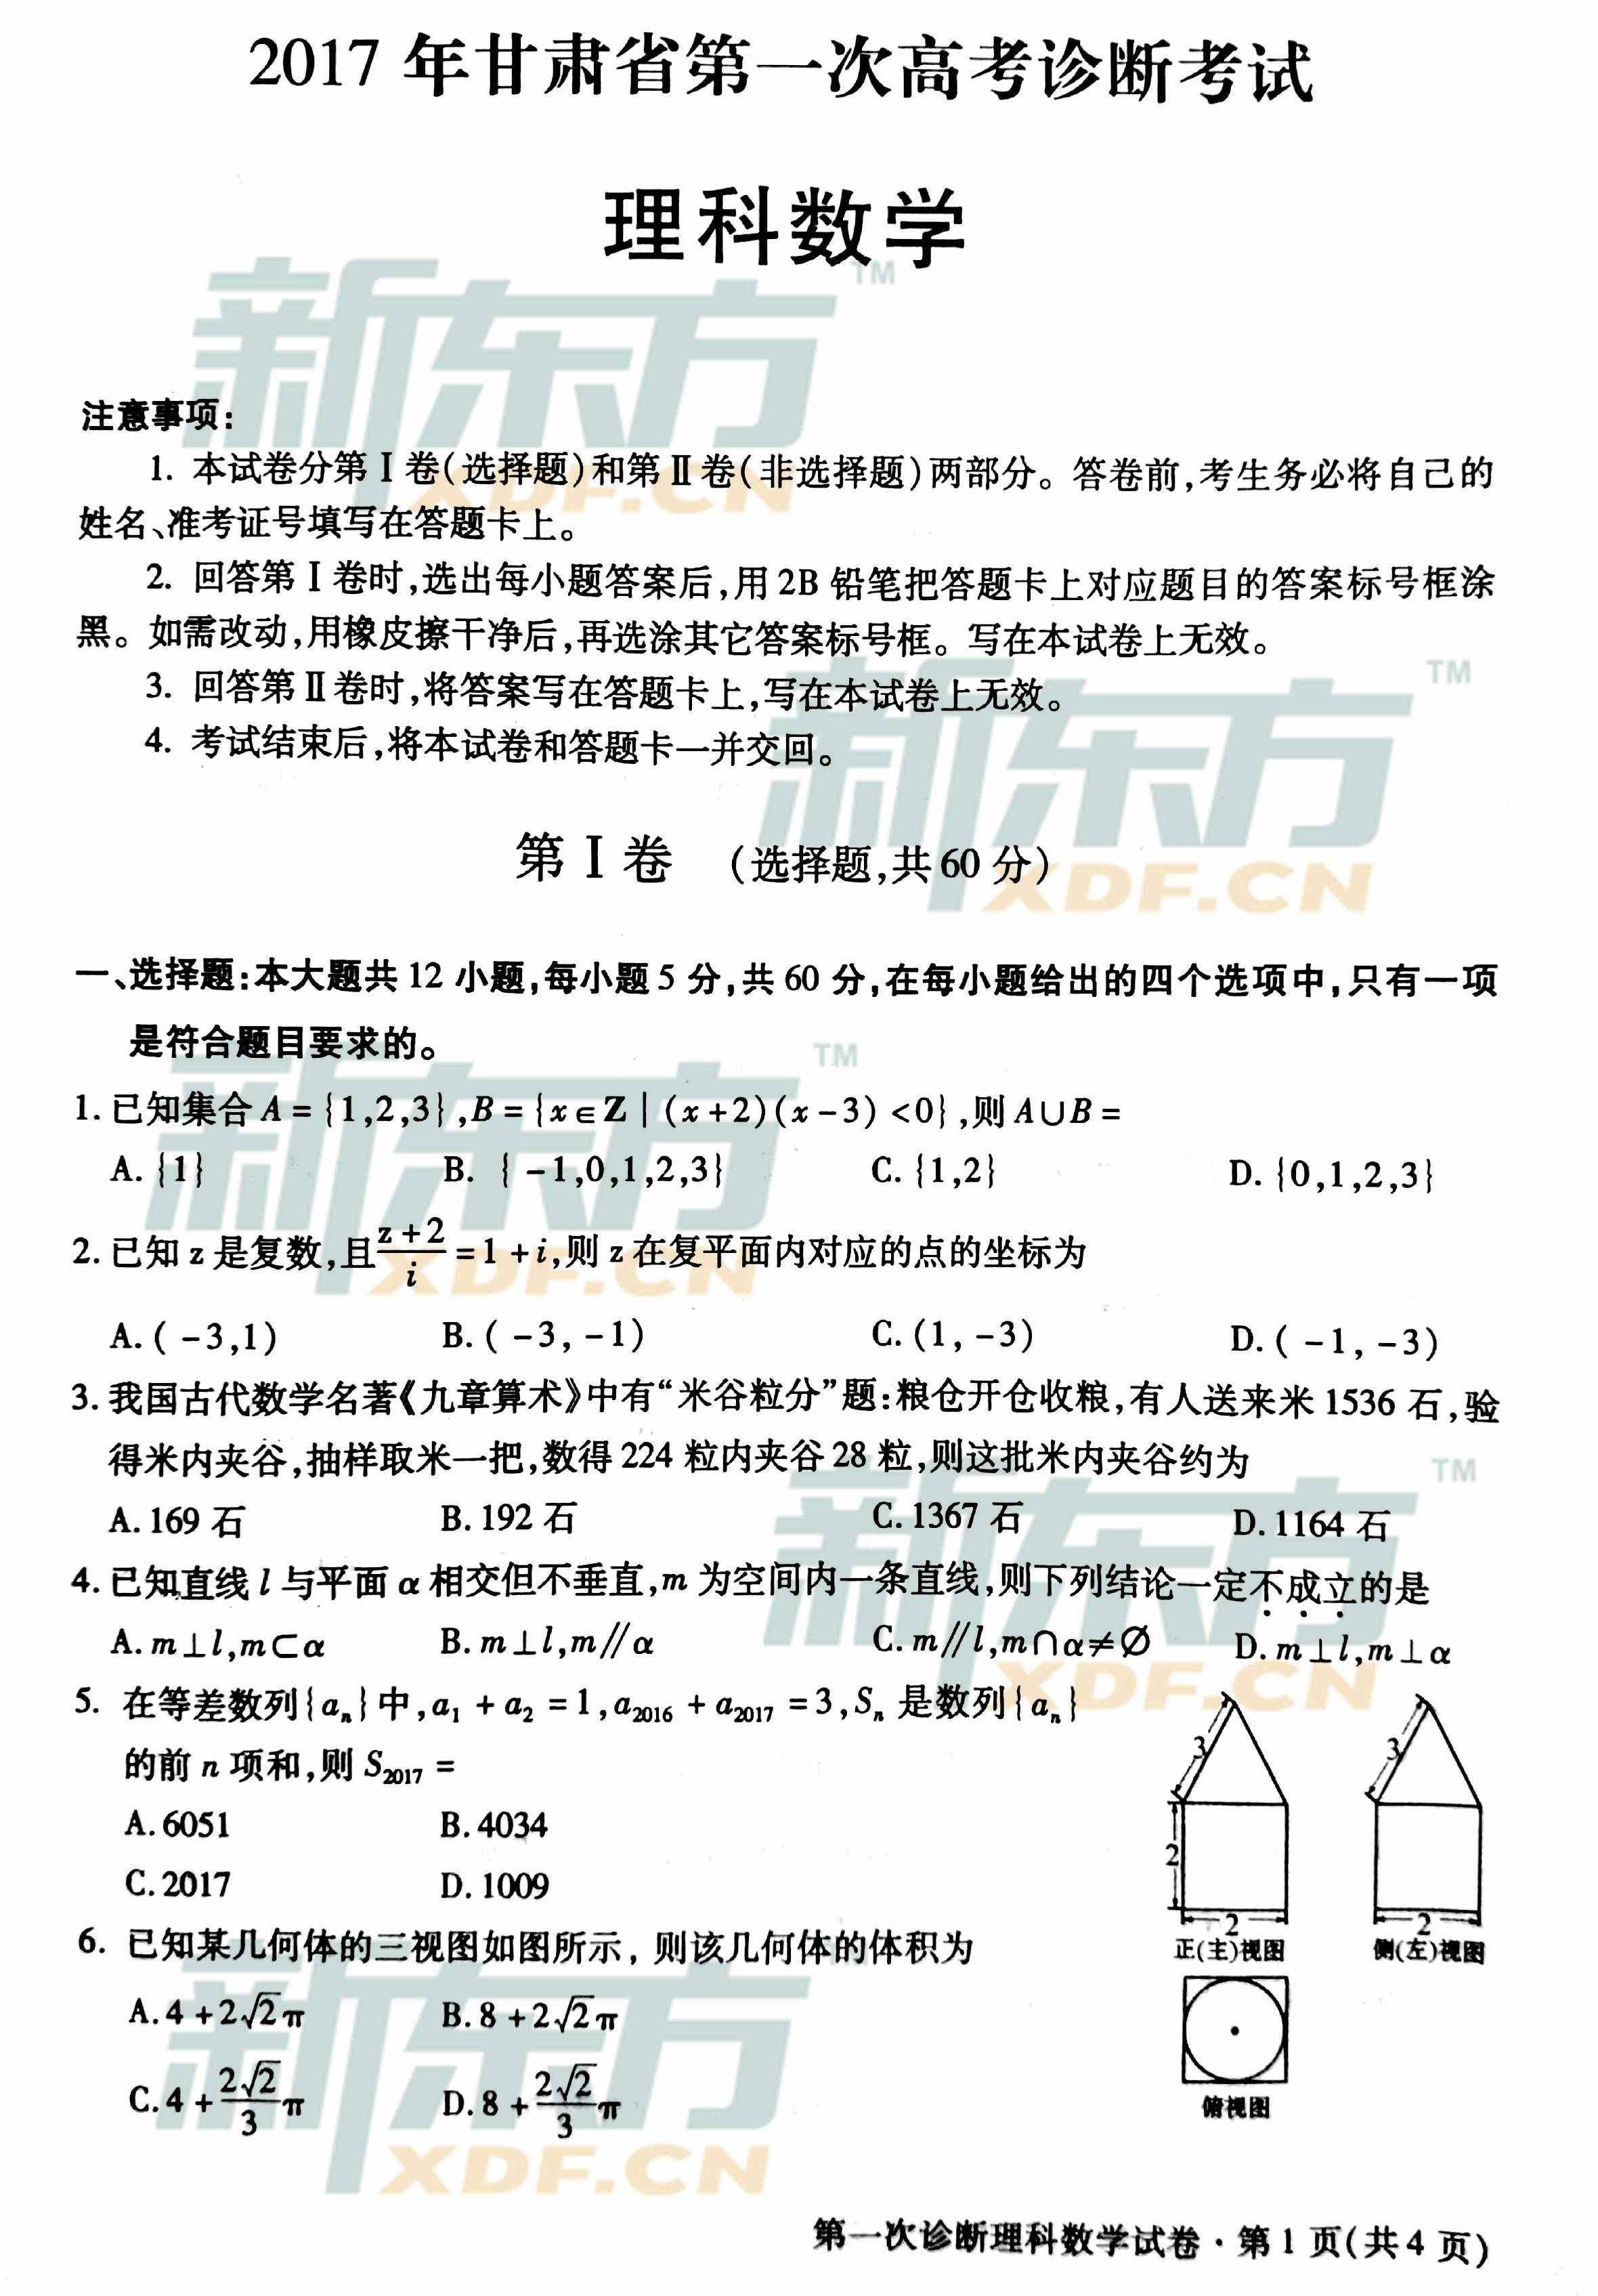 2017甘肃一诊数学(理)试题及答案